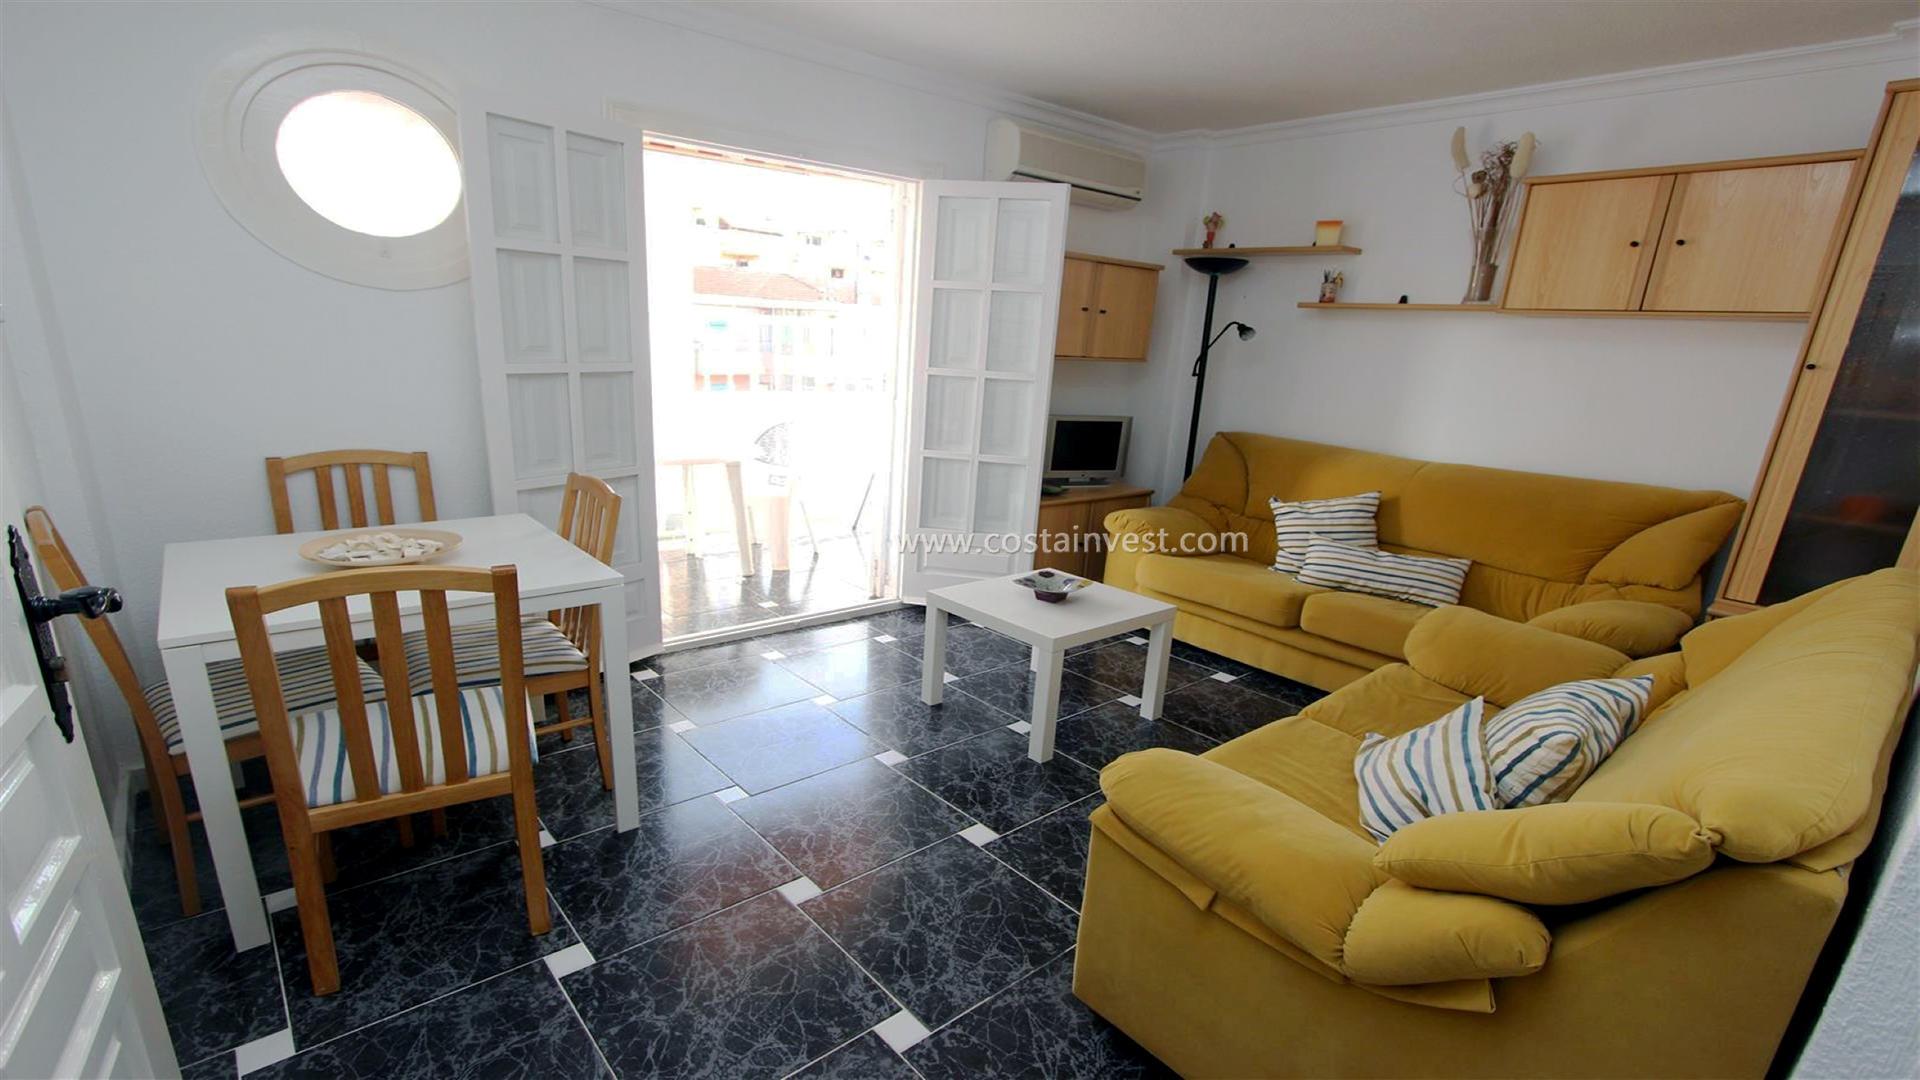 Appartement -                                       La Mata -                                       1 chambres -                                       2 occupants